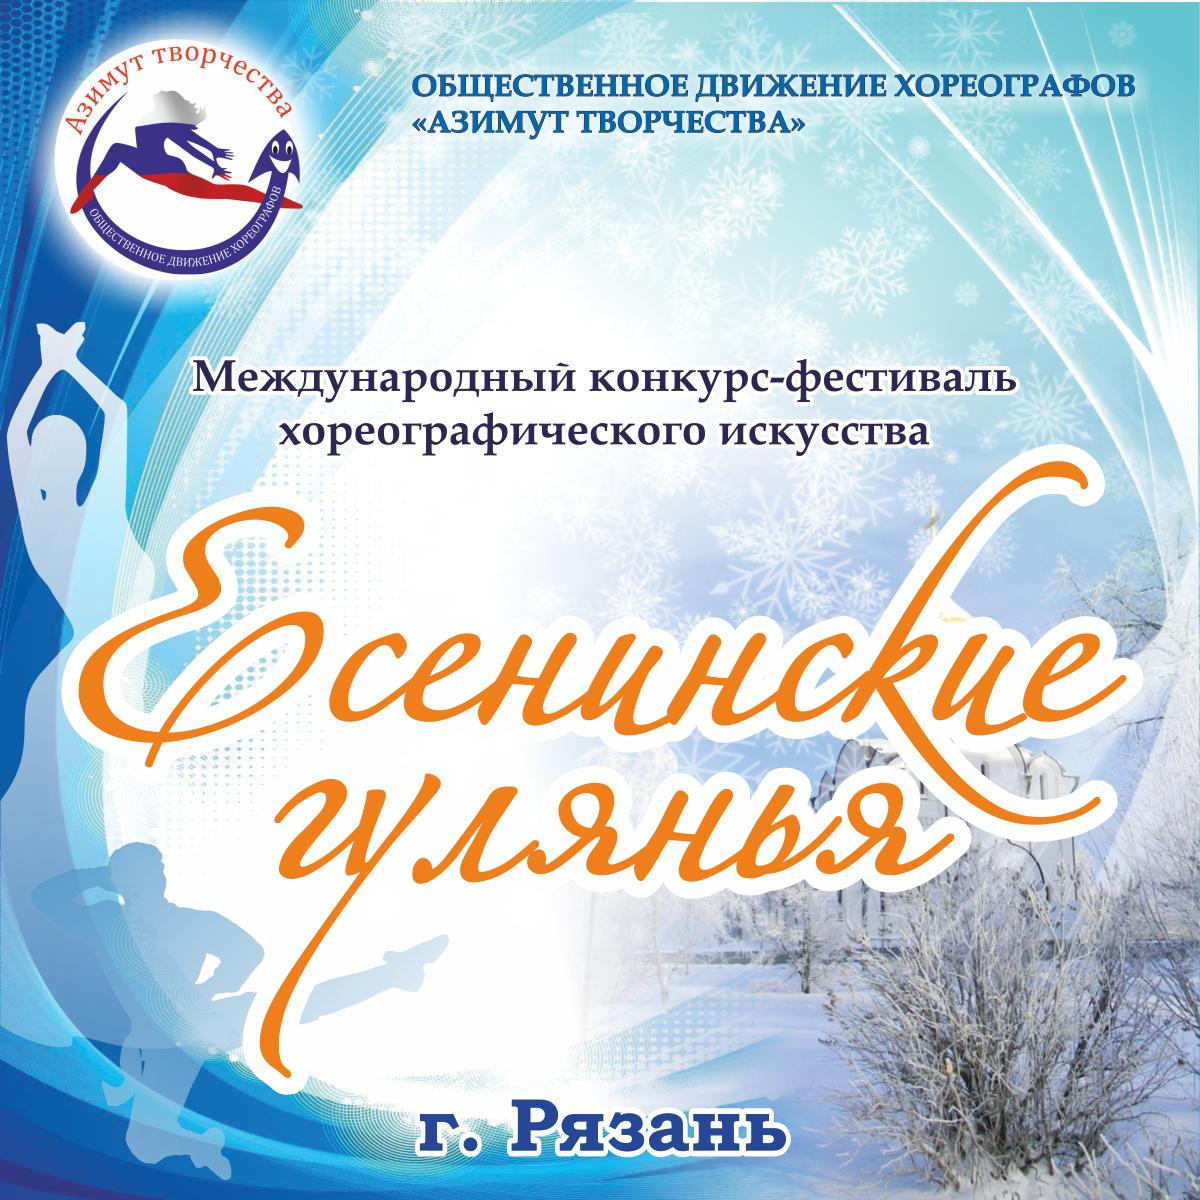 г. Рязань 15-17 января 2022 г.